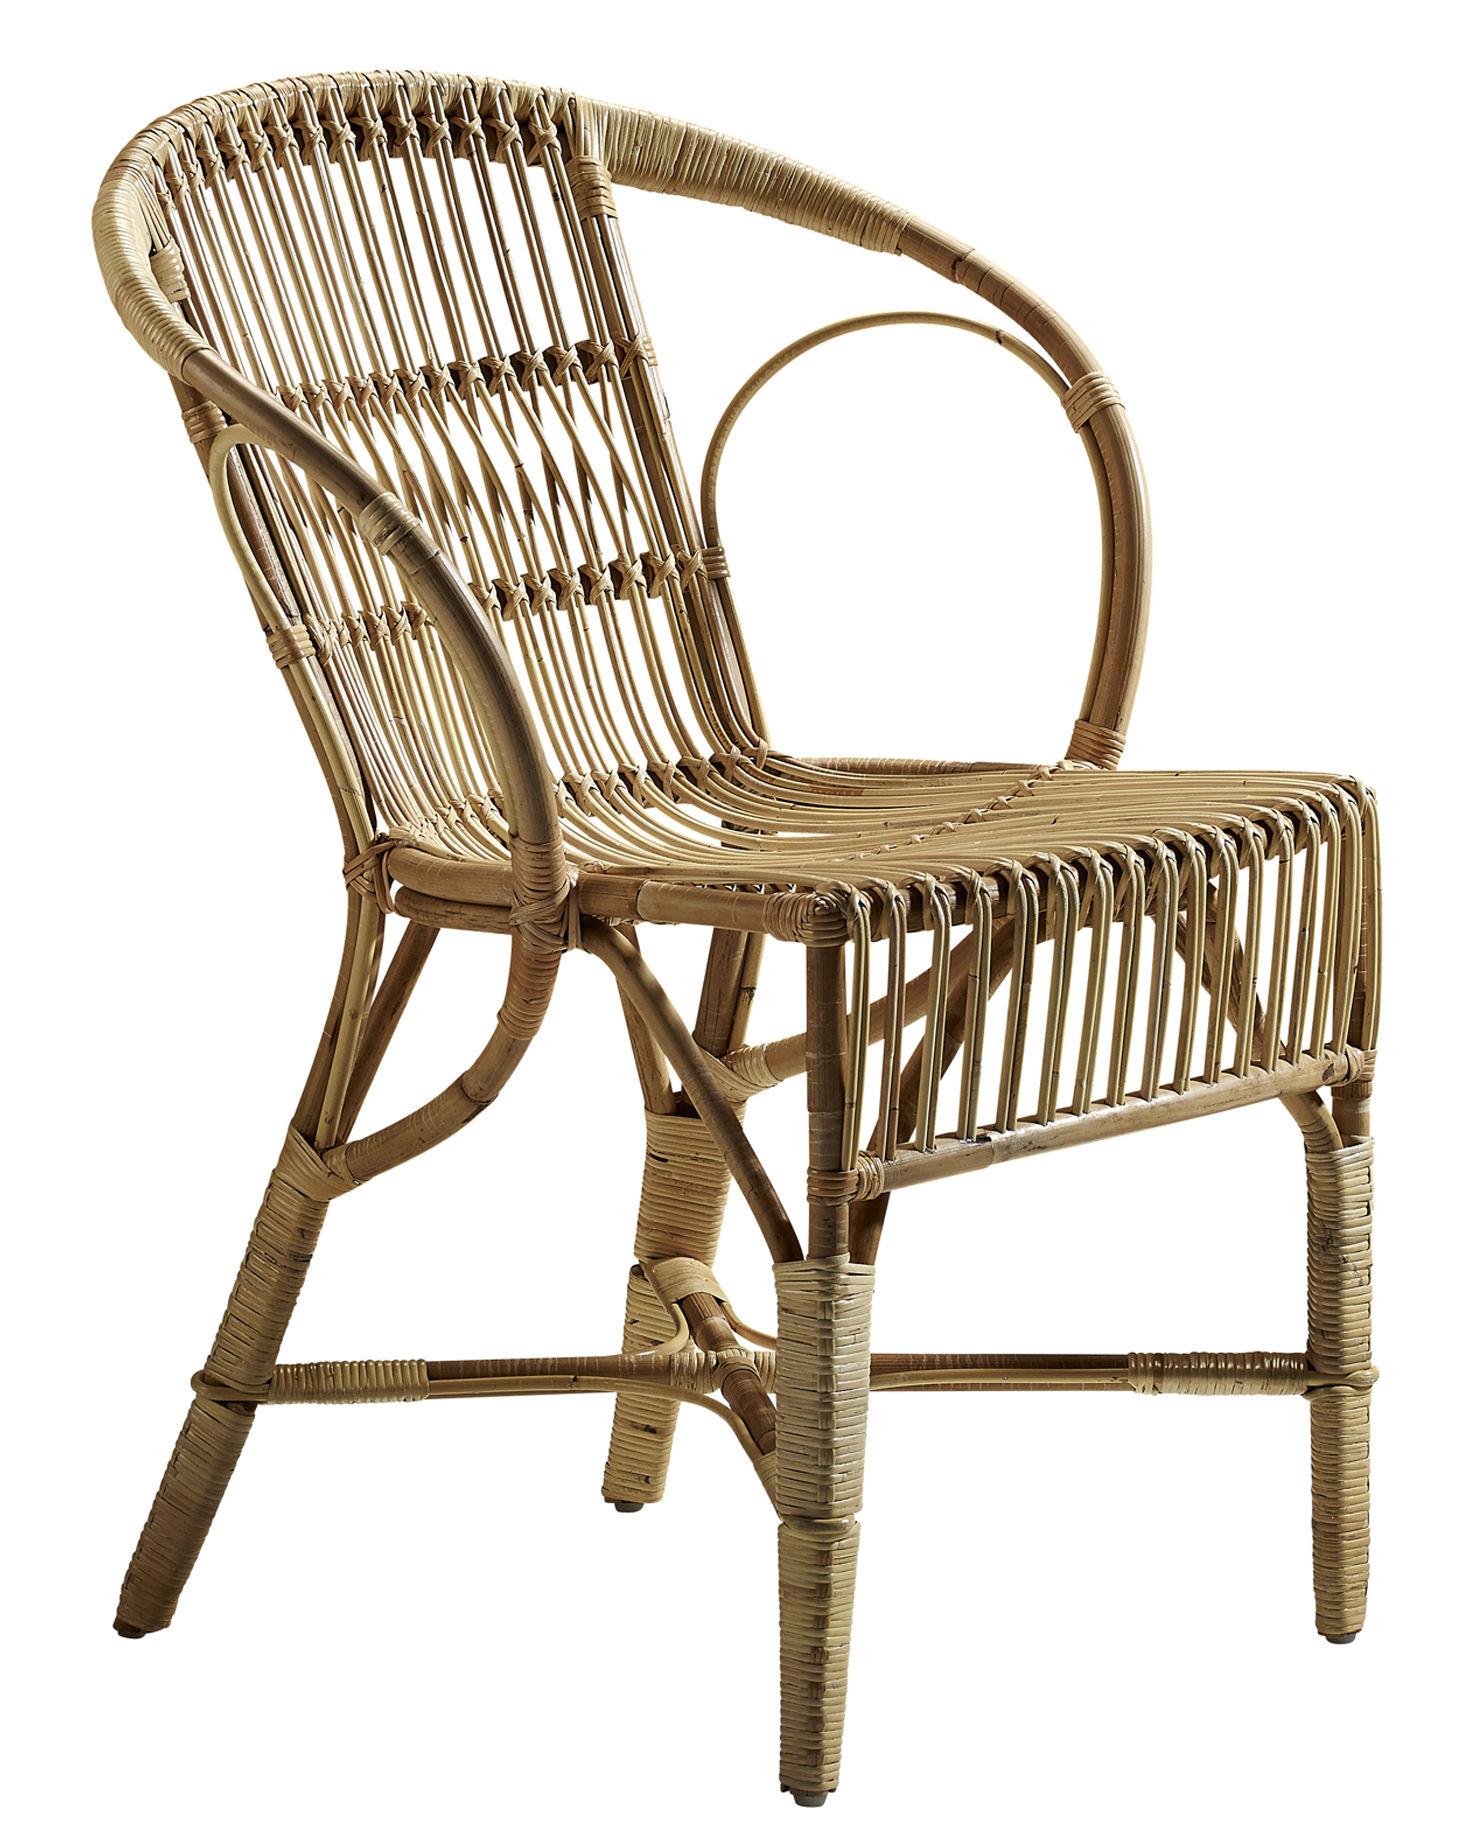 Arredamento - Poltrone design  - Poltrona Wengler - / Riedizione 1902 di Sika Design - Poltrona naturale - Midollino